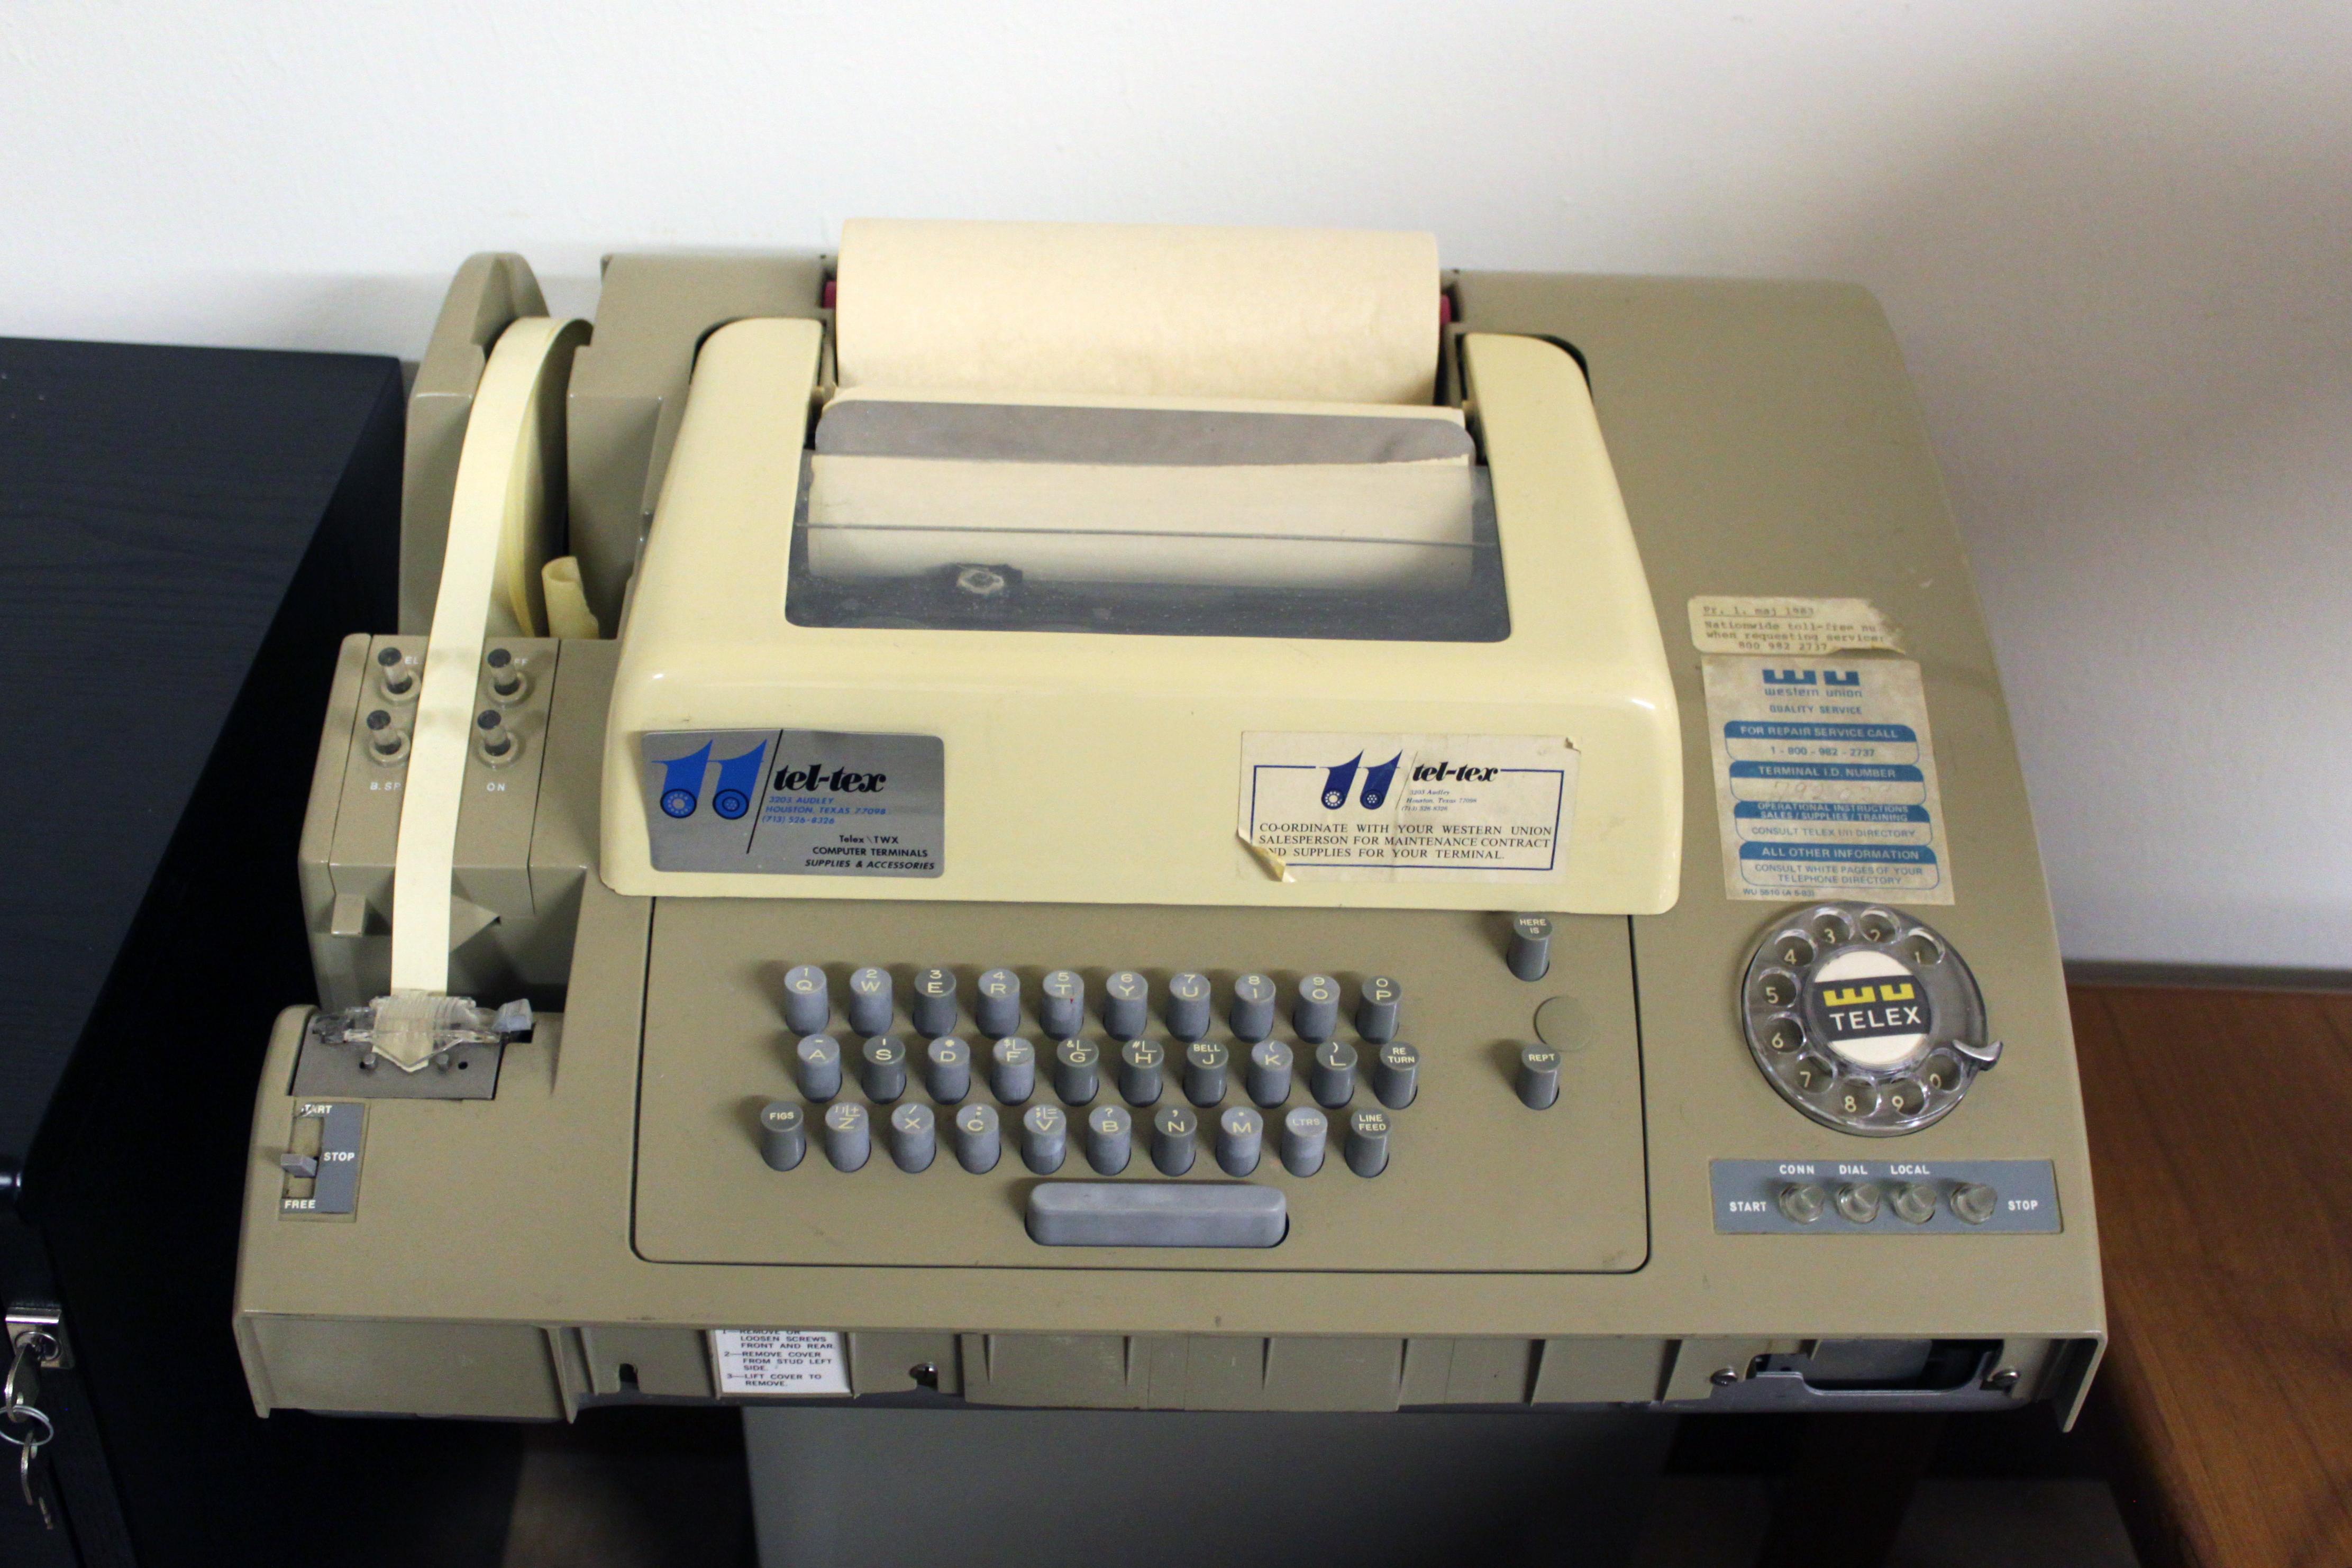 Телетайп. Слева - полоска с входящими телеграмами. В том отделении стоял очень похожий агрегат